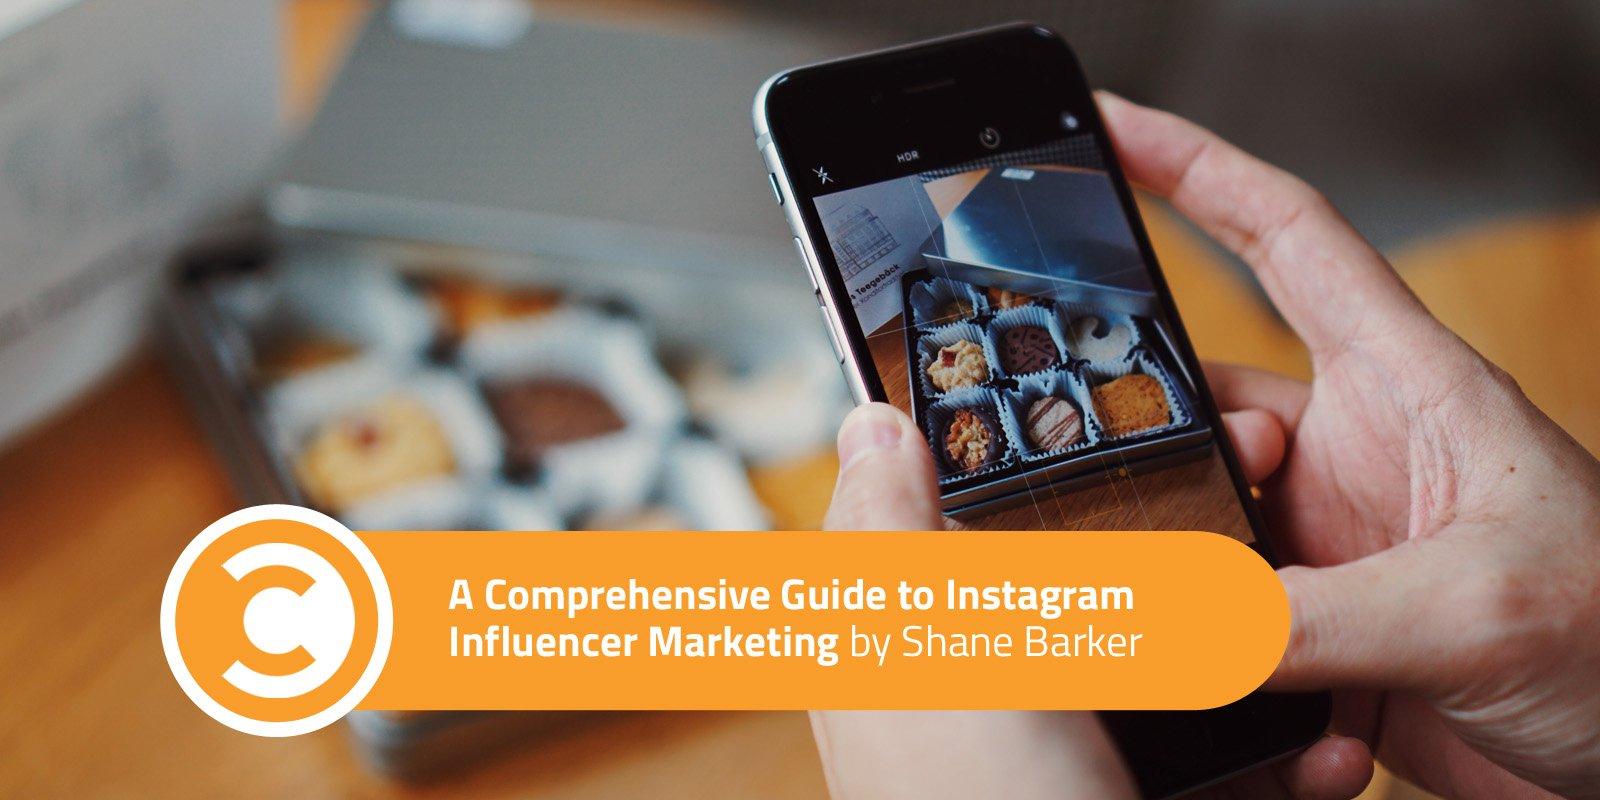 A Comprehensive Guide to Instagram Influencer Marketing